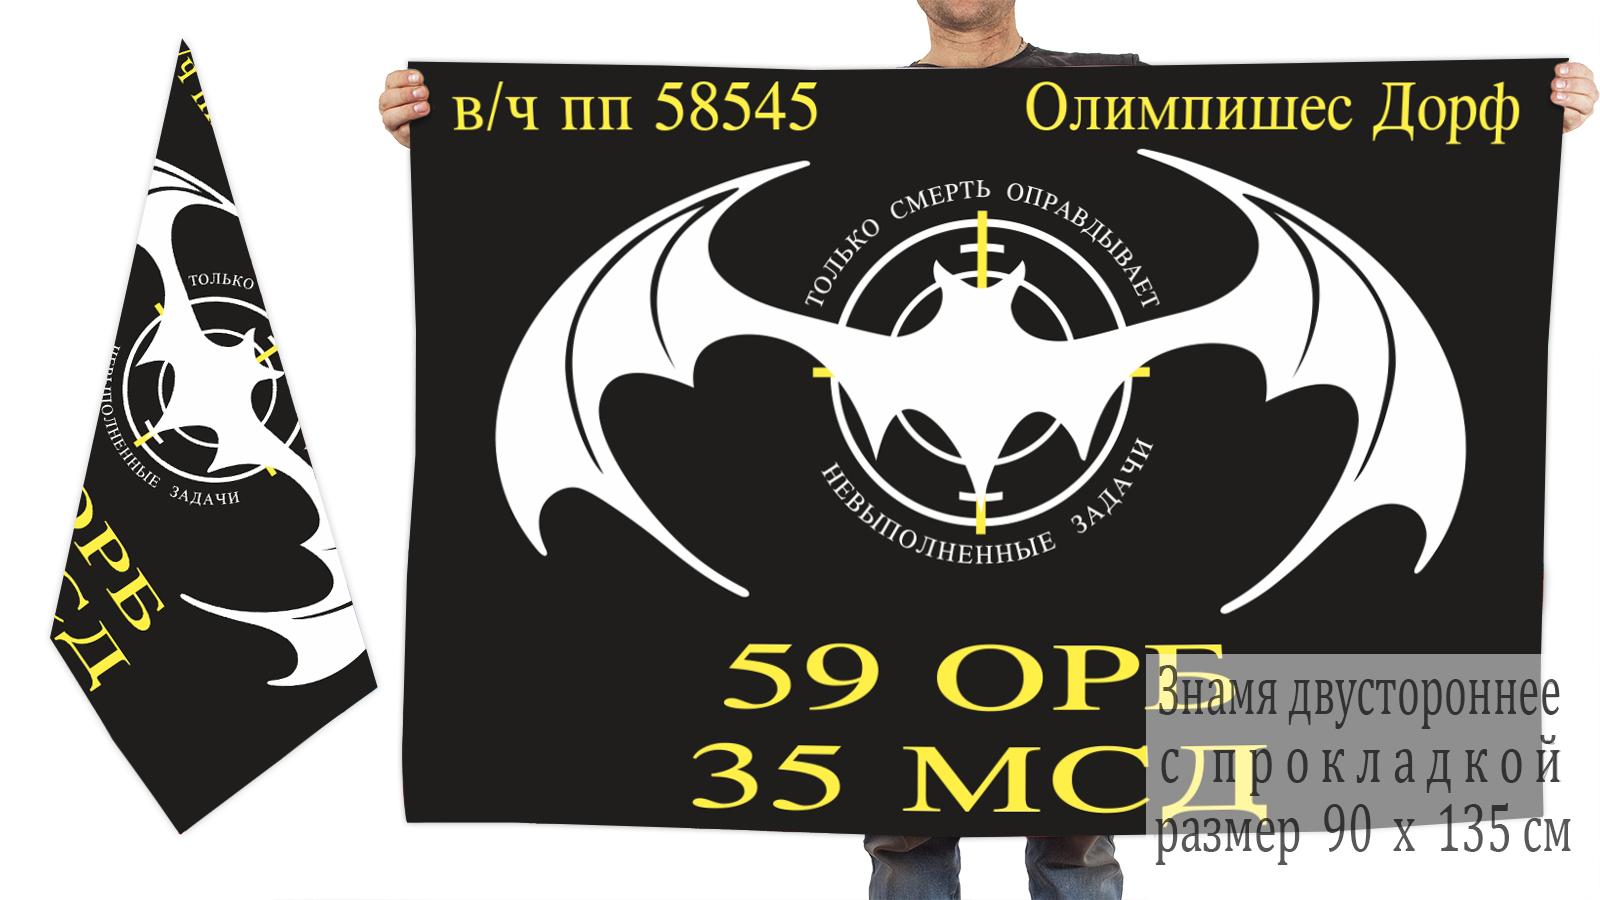 Двусторонний флаг 59 отдельного разведбата 35 МСД